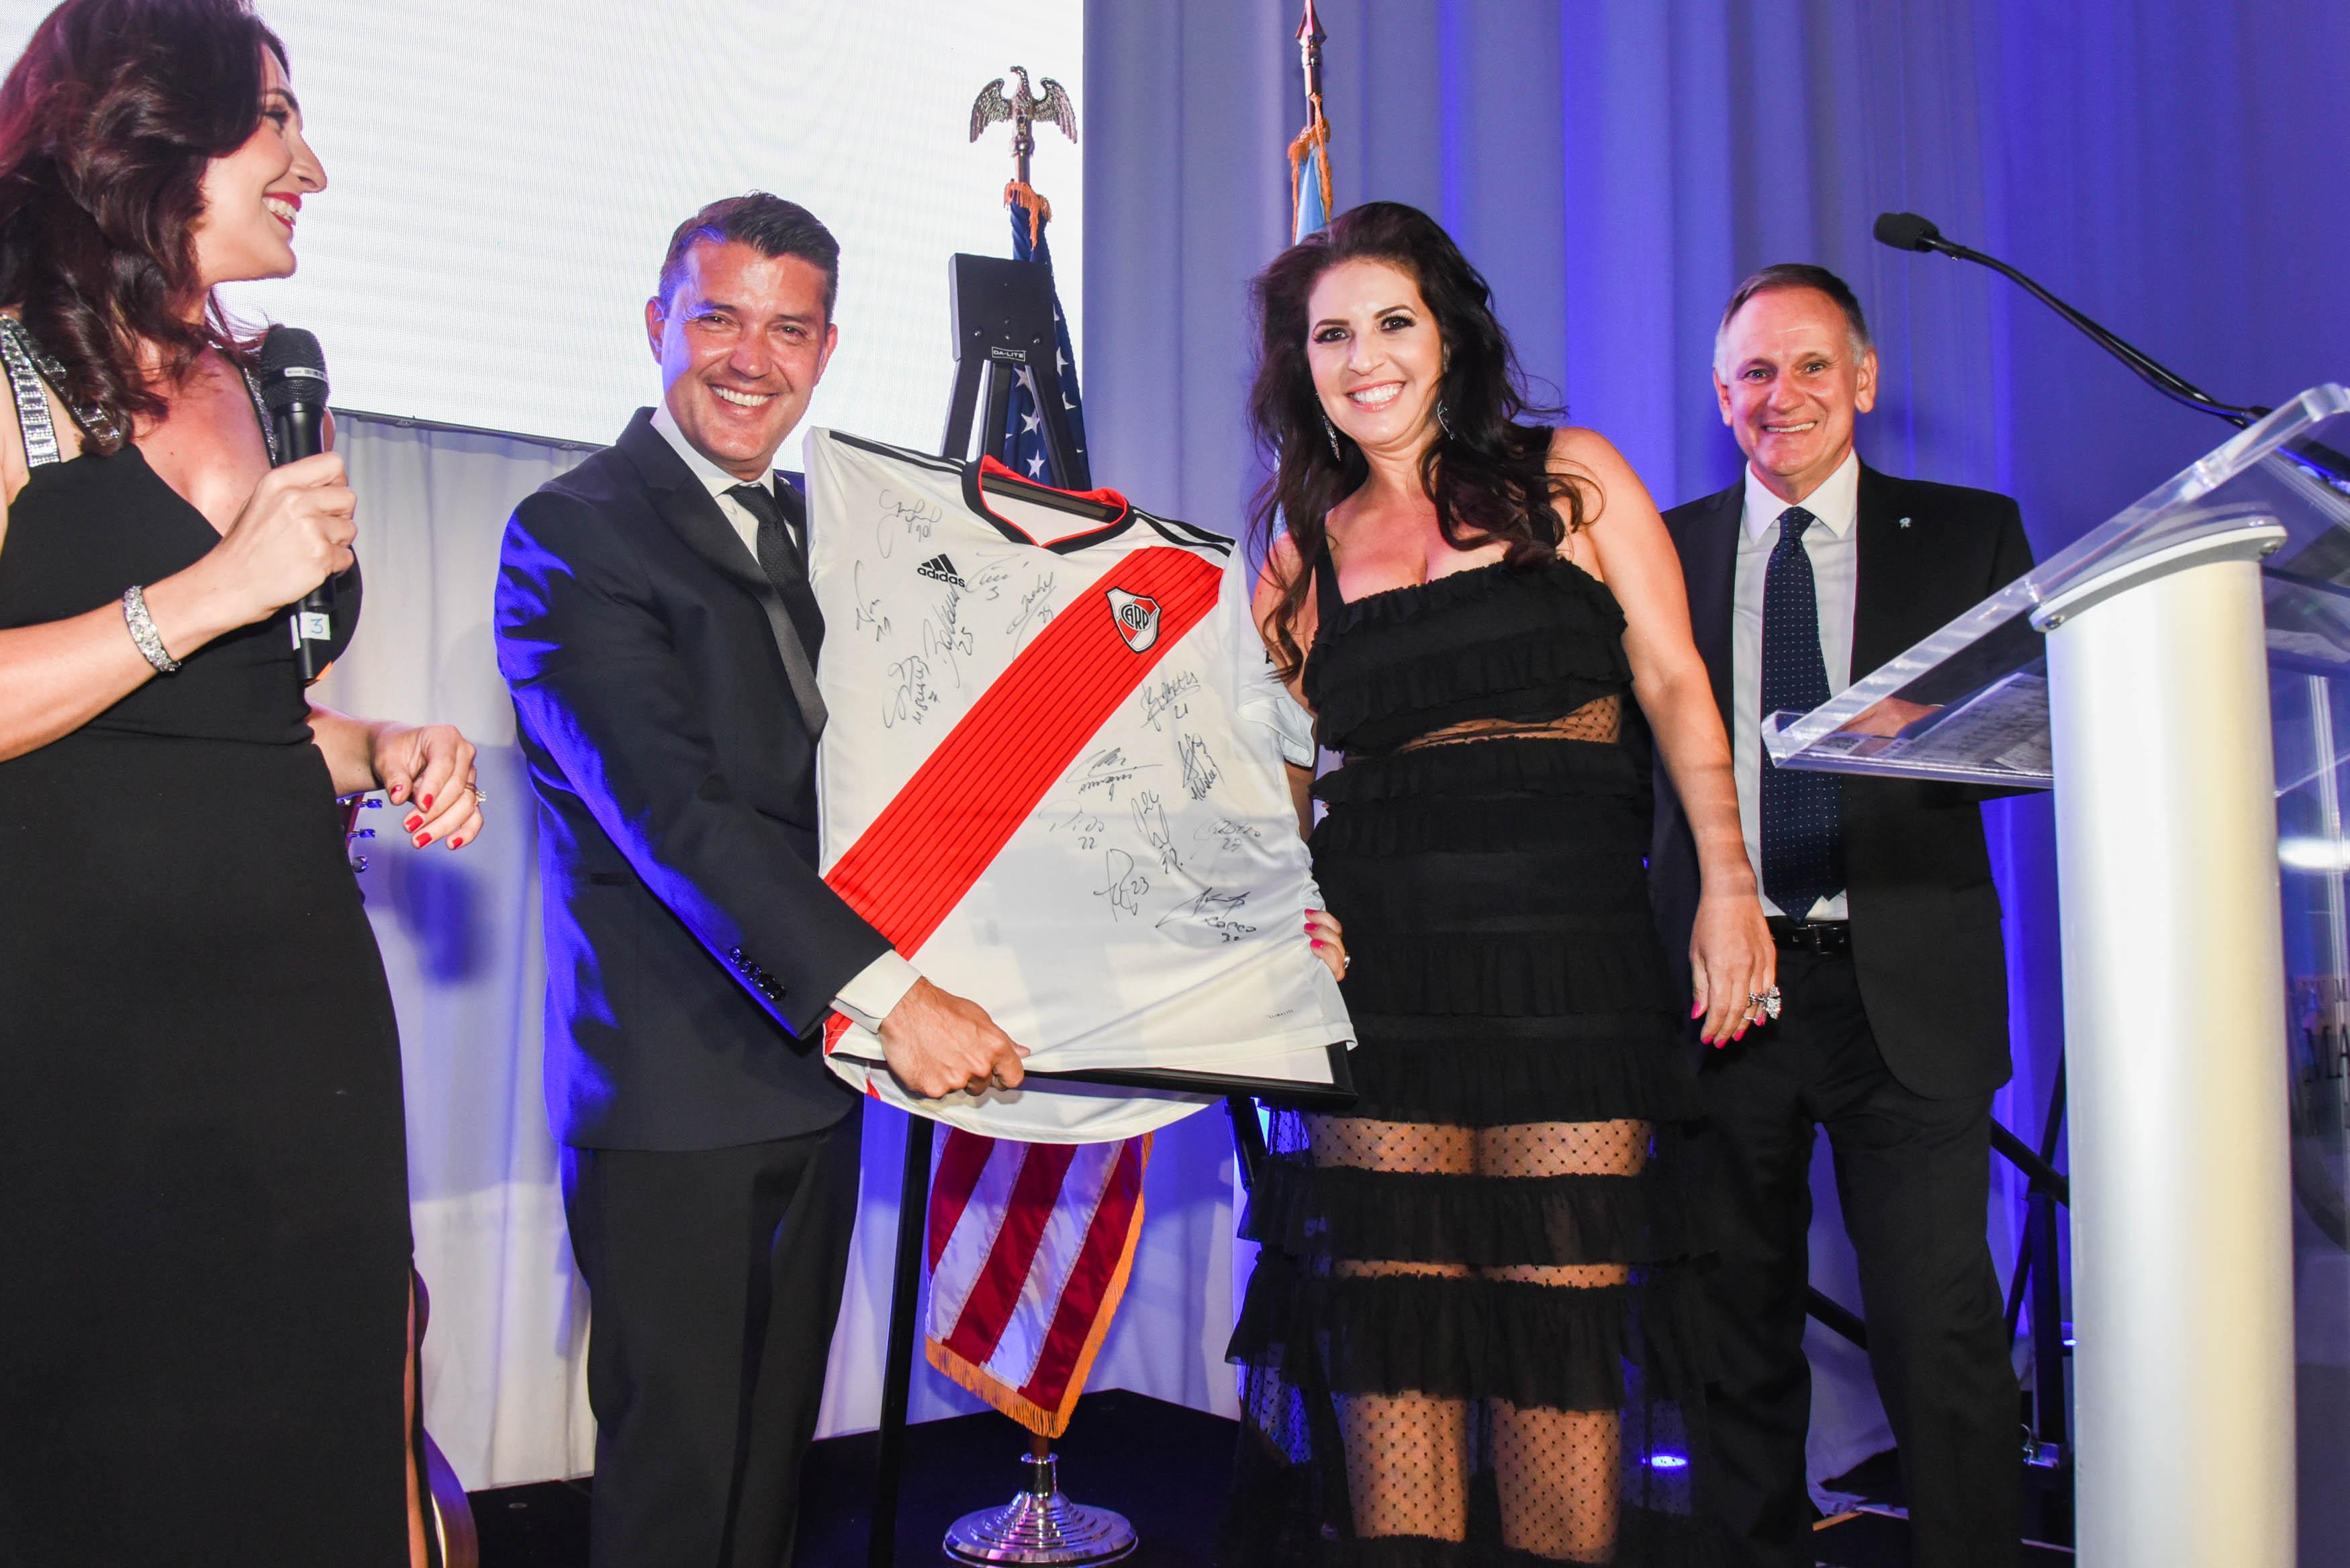 Diego Molinari, Vicepresidente 1ro. De la AACC y Jessica Schnaider, ganadora de la camiseta de River Plate.